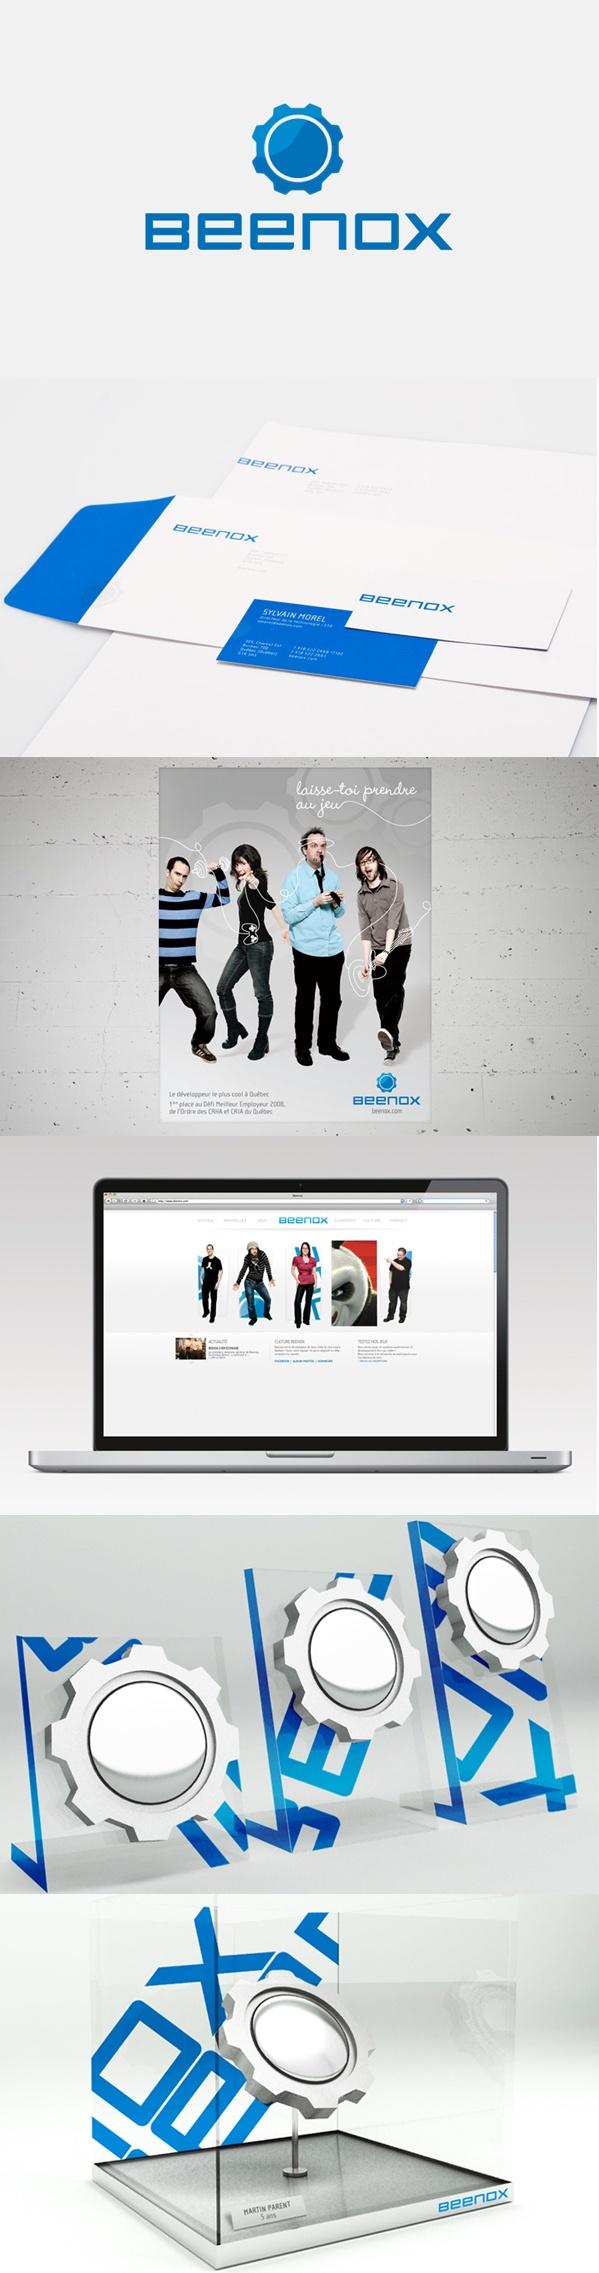 Client : Beenox - Campagne institutionnelle, design graphique, design industriel, image de marque, outils corporatif, site web.